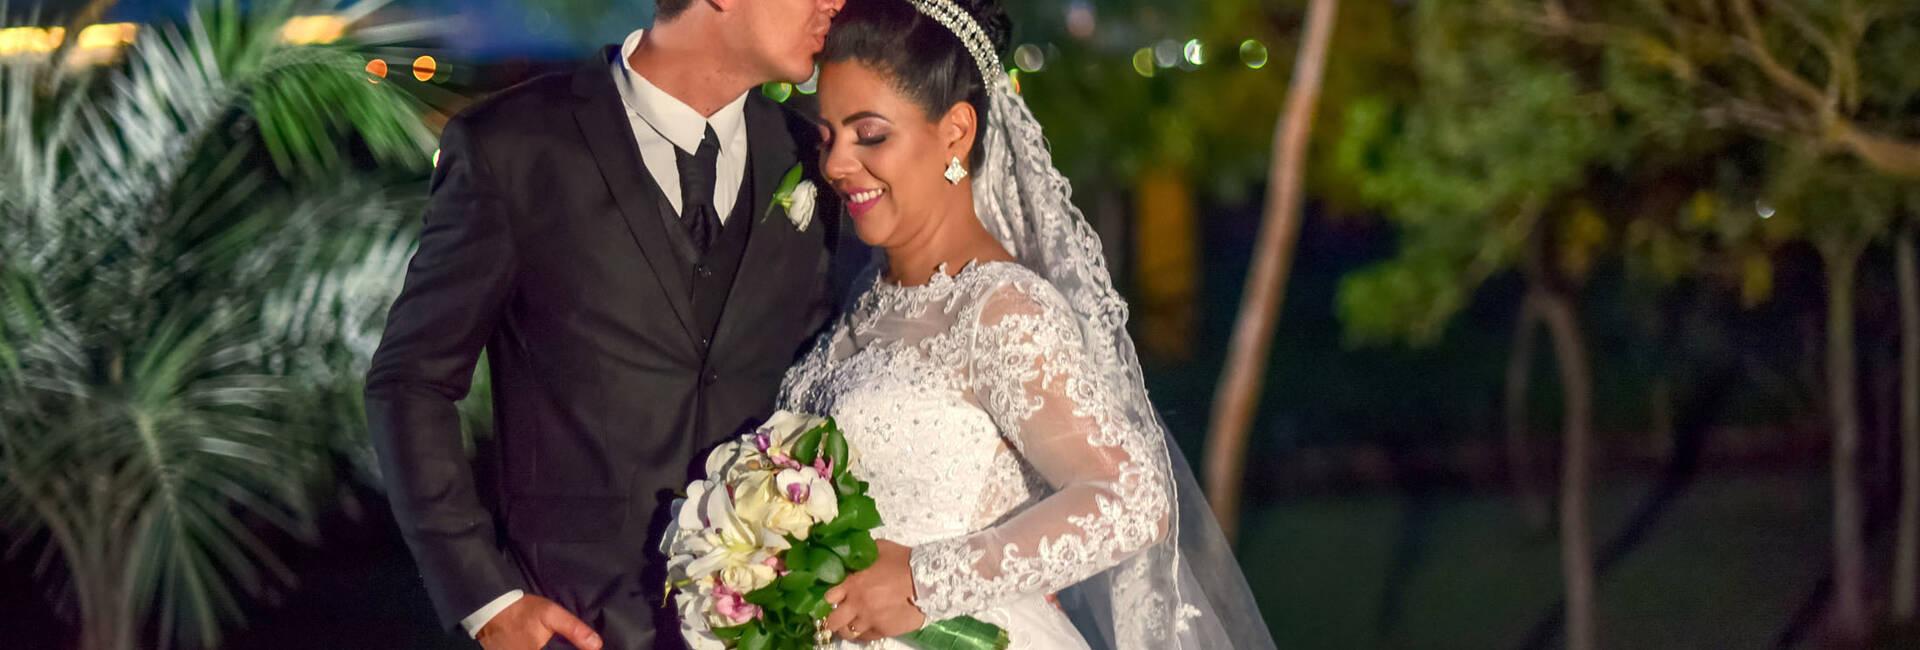 Casamento de Lucineide e Geomar